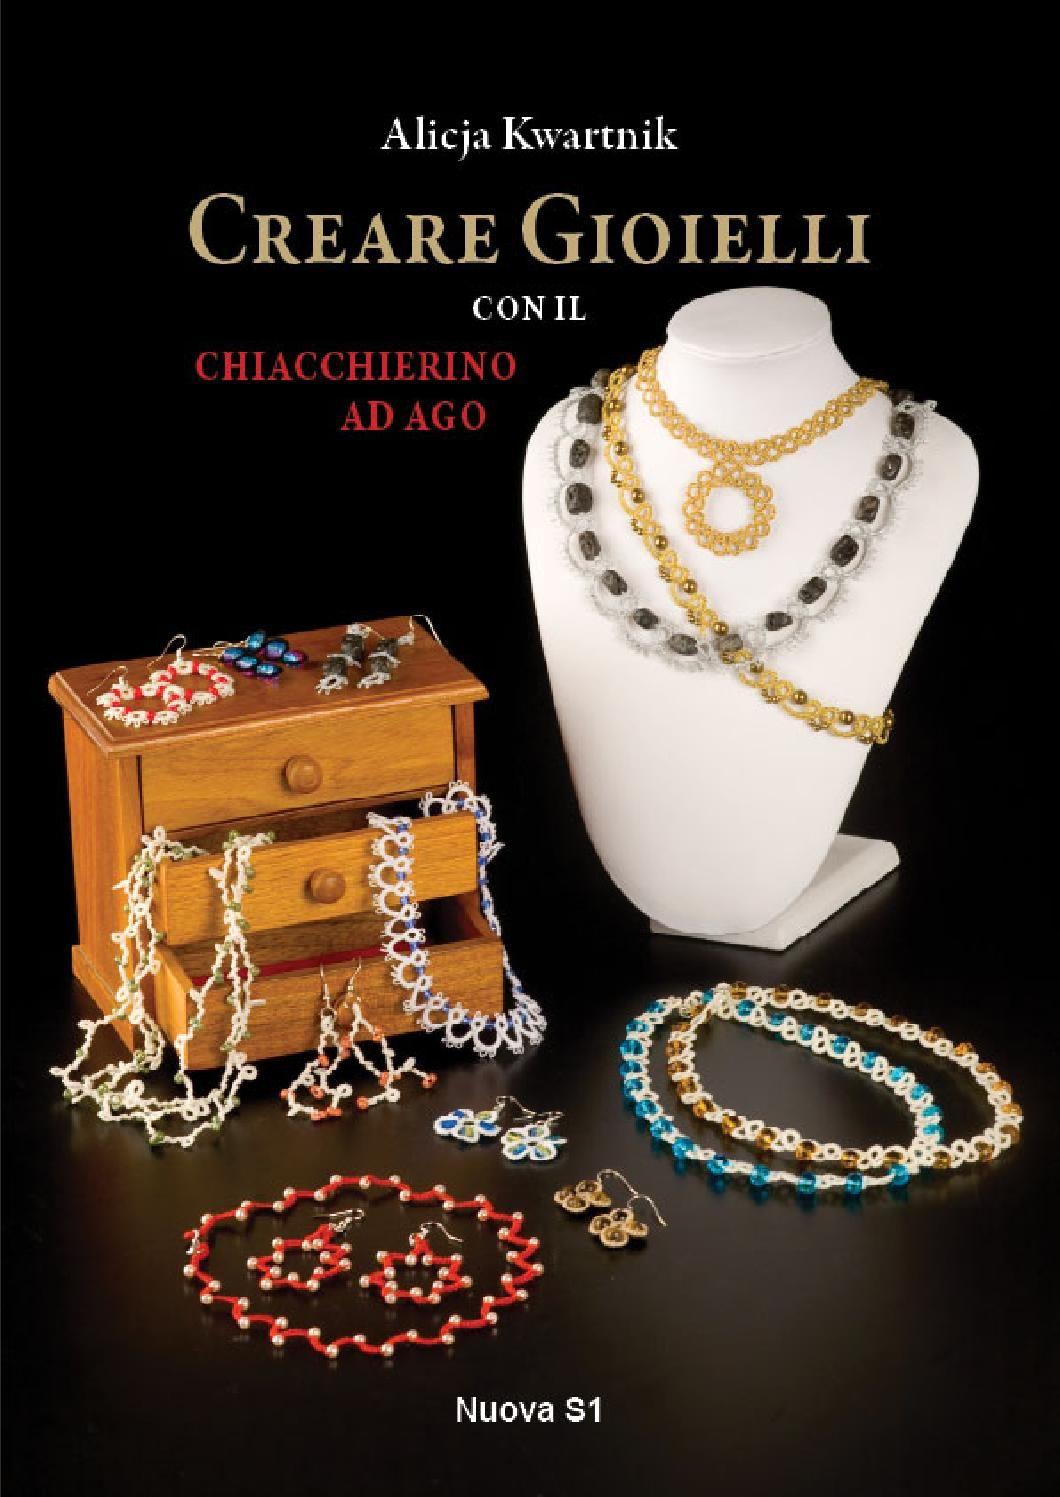 Alicja Kwartnik, Creare Gioielli con il Chiacchierino ad Ago